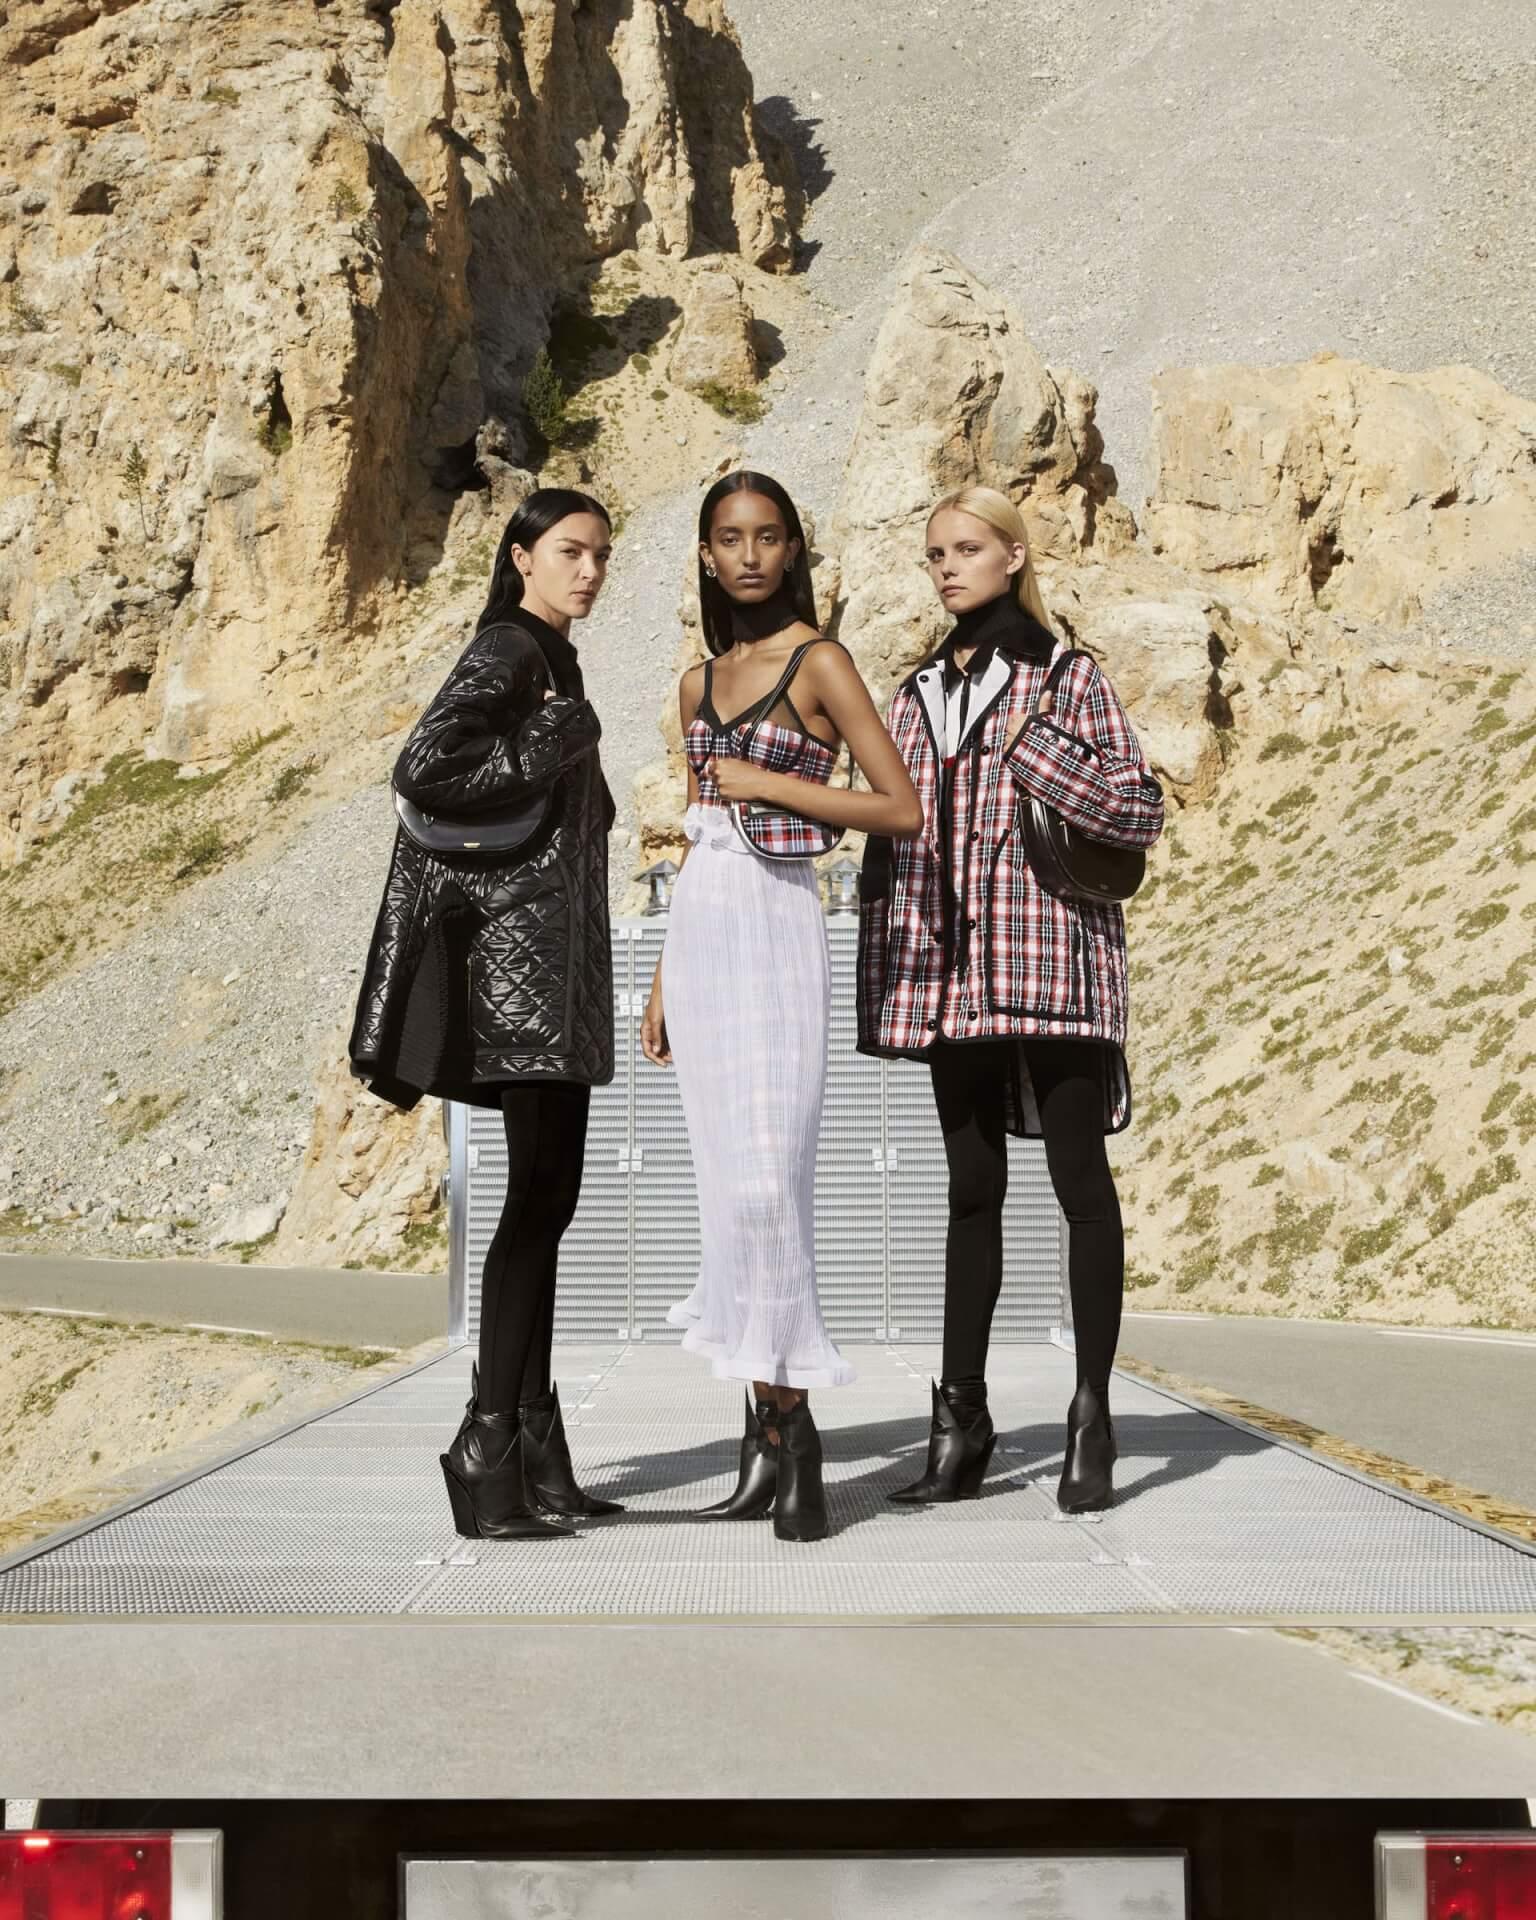 バーバリー2020年秋冬コレクションのキャンペーンが公開!マリアカルラ・ボスコーノやモナ・トゥガードらを起用 fashion2020924-Burberry7